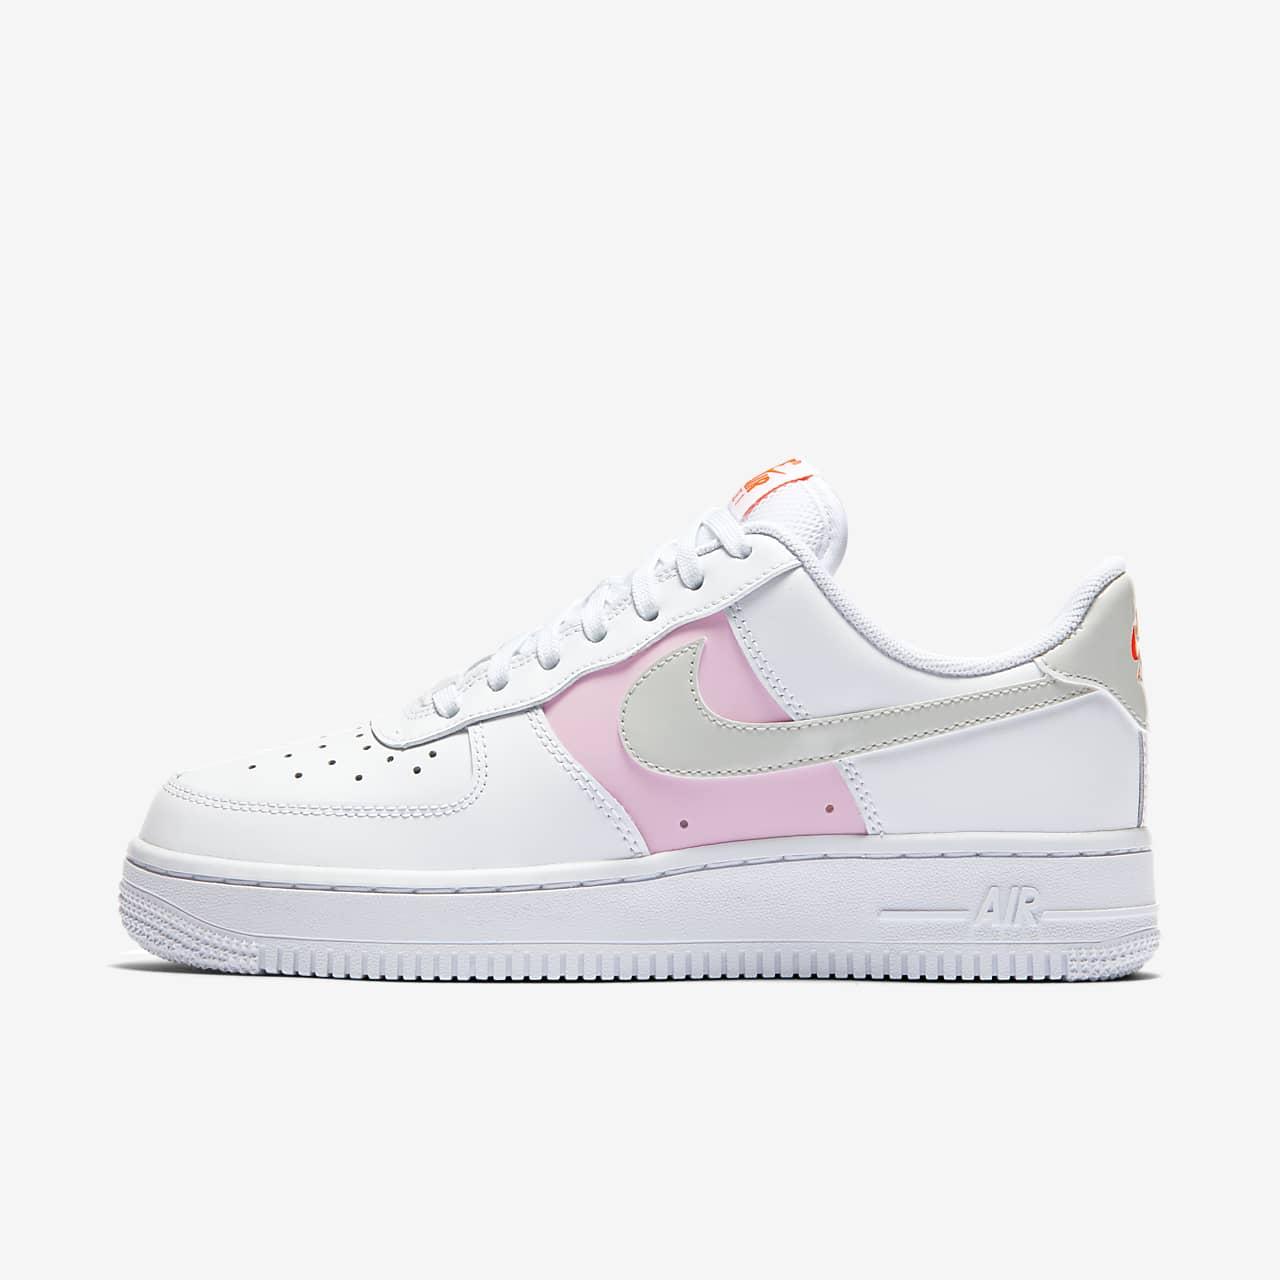 nike air force 1 07 rosa in vendita | eBay